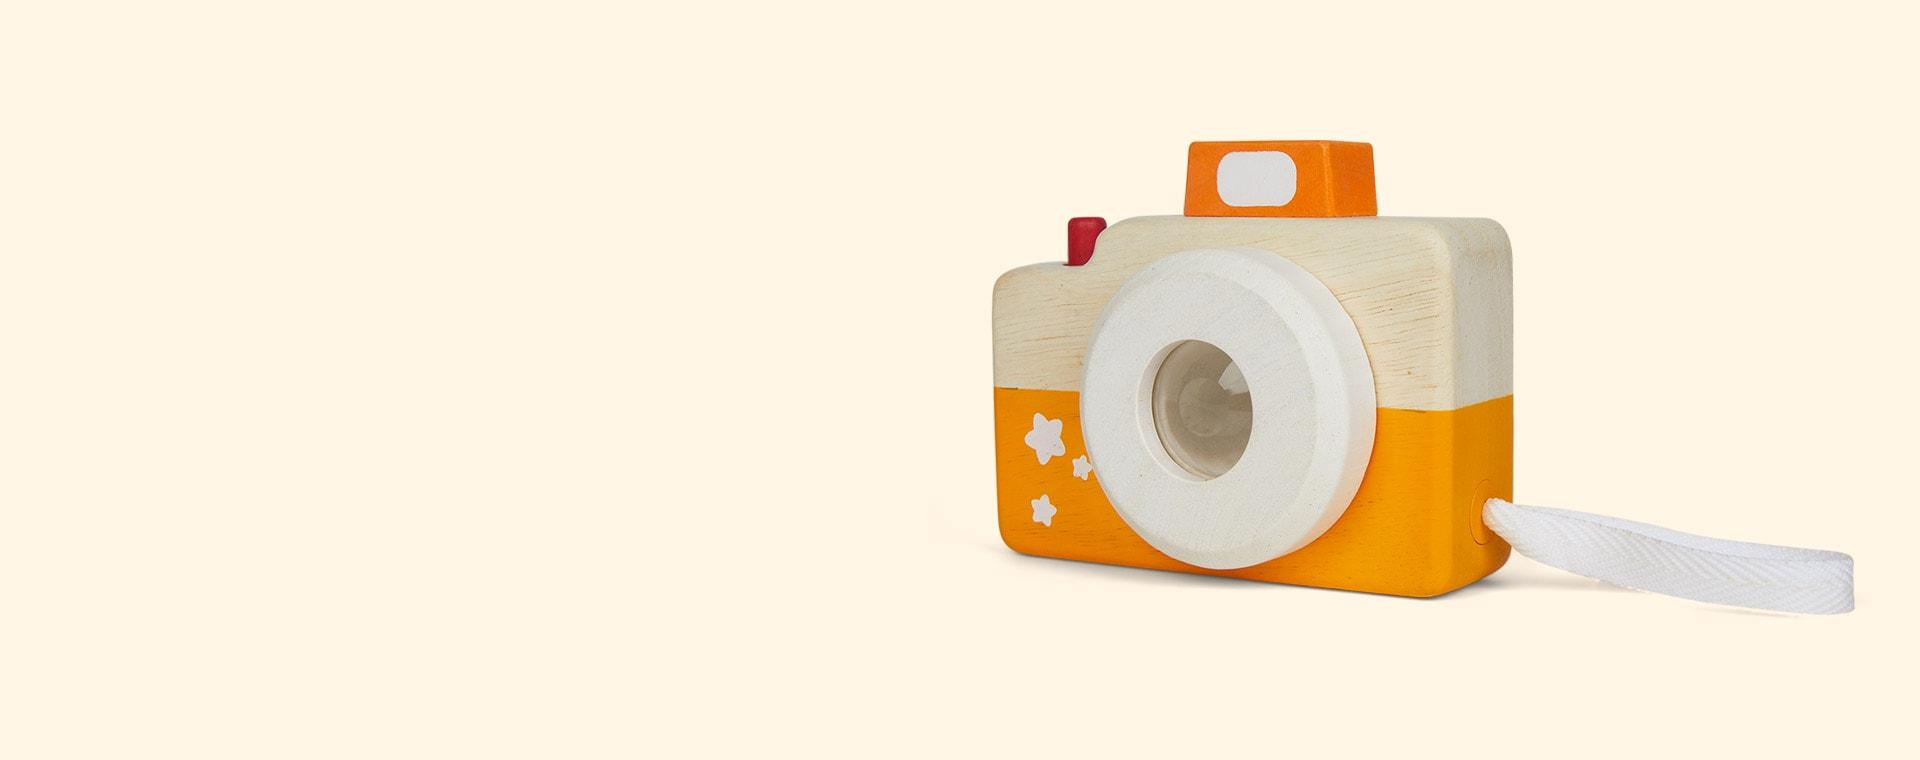 Neutral Le Toy Van Camera